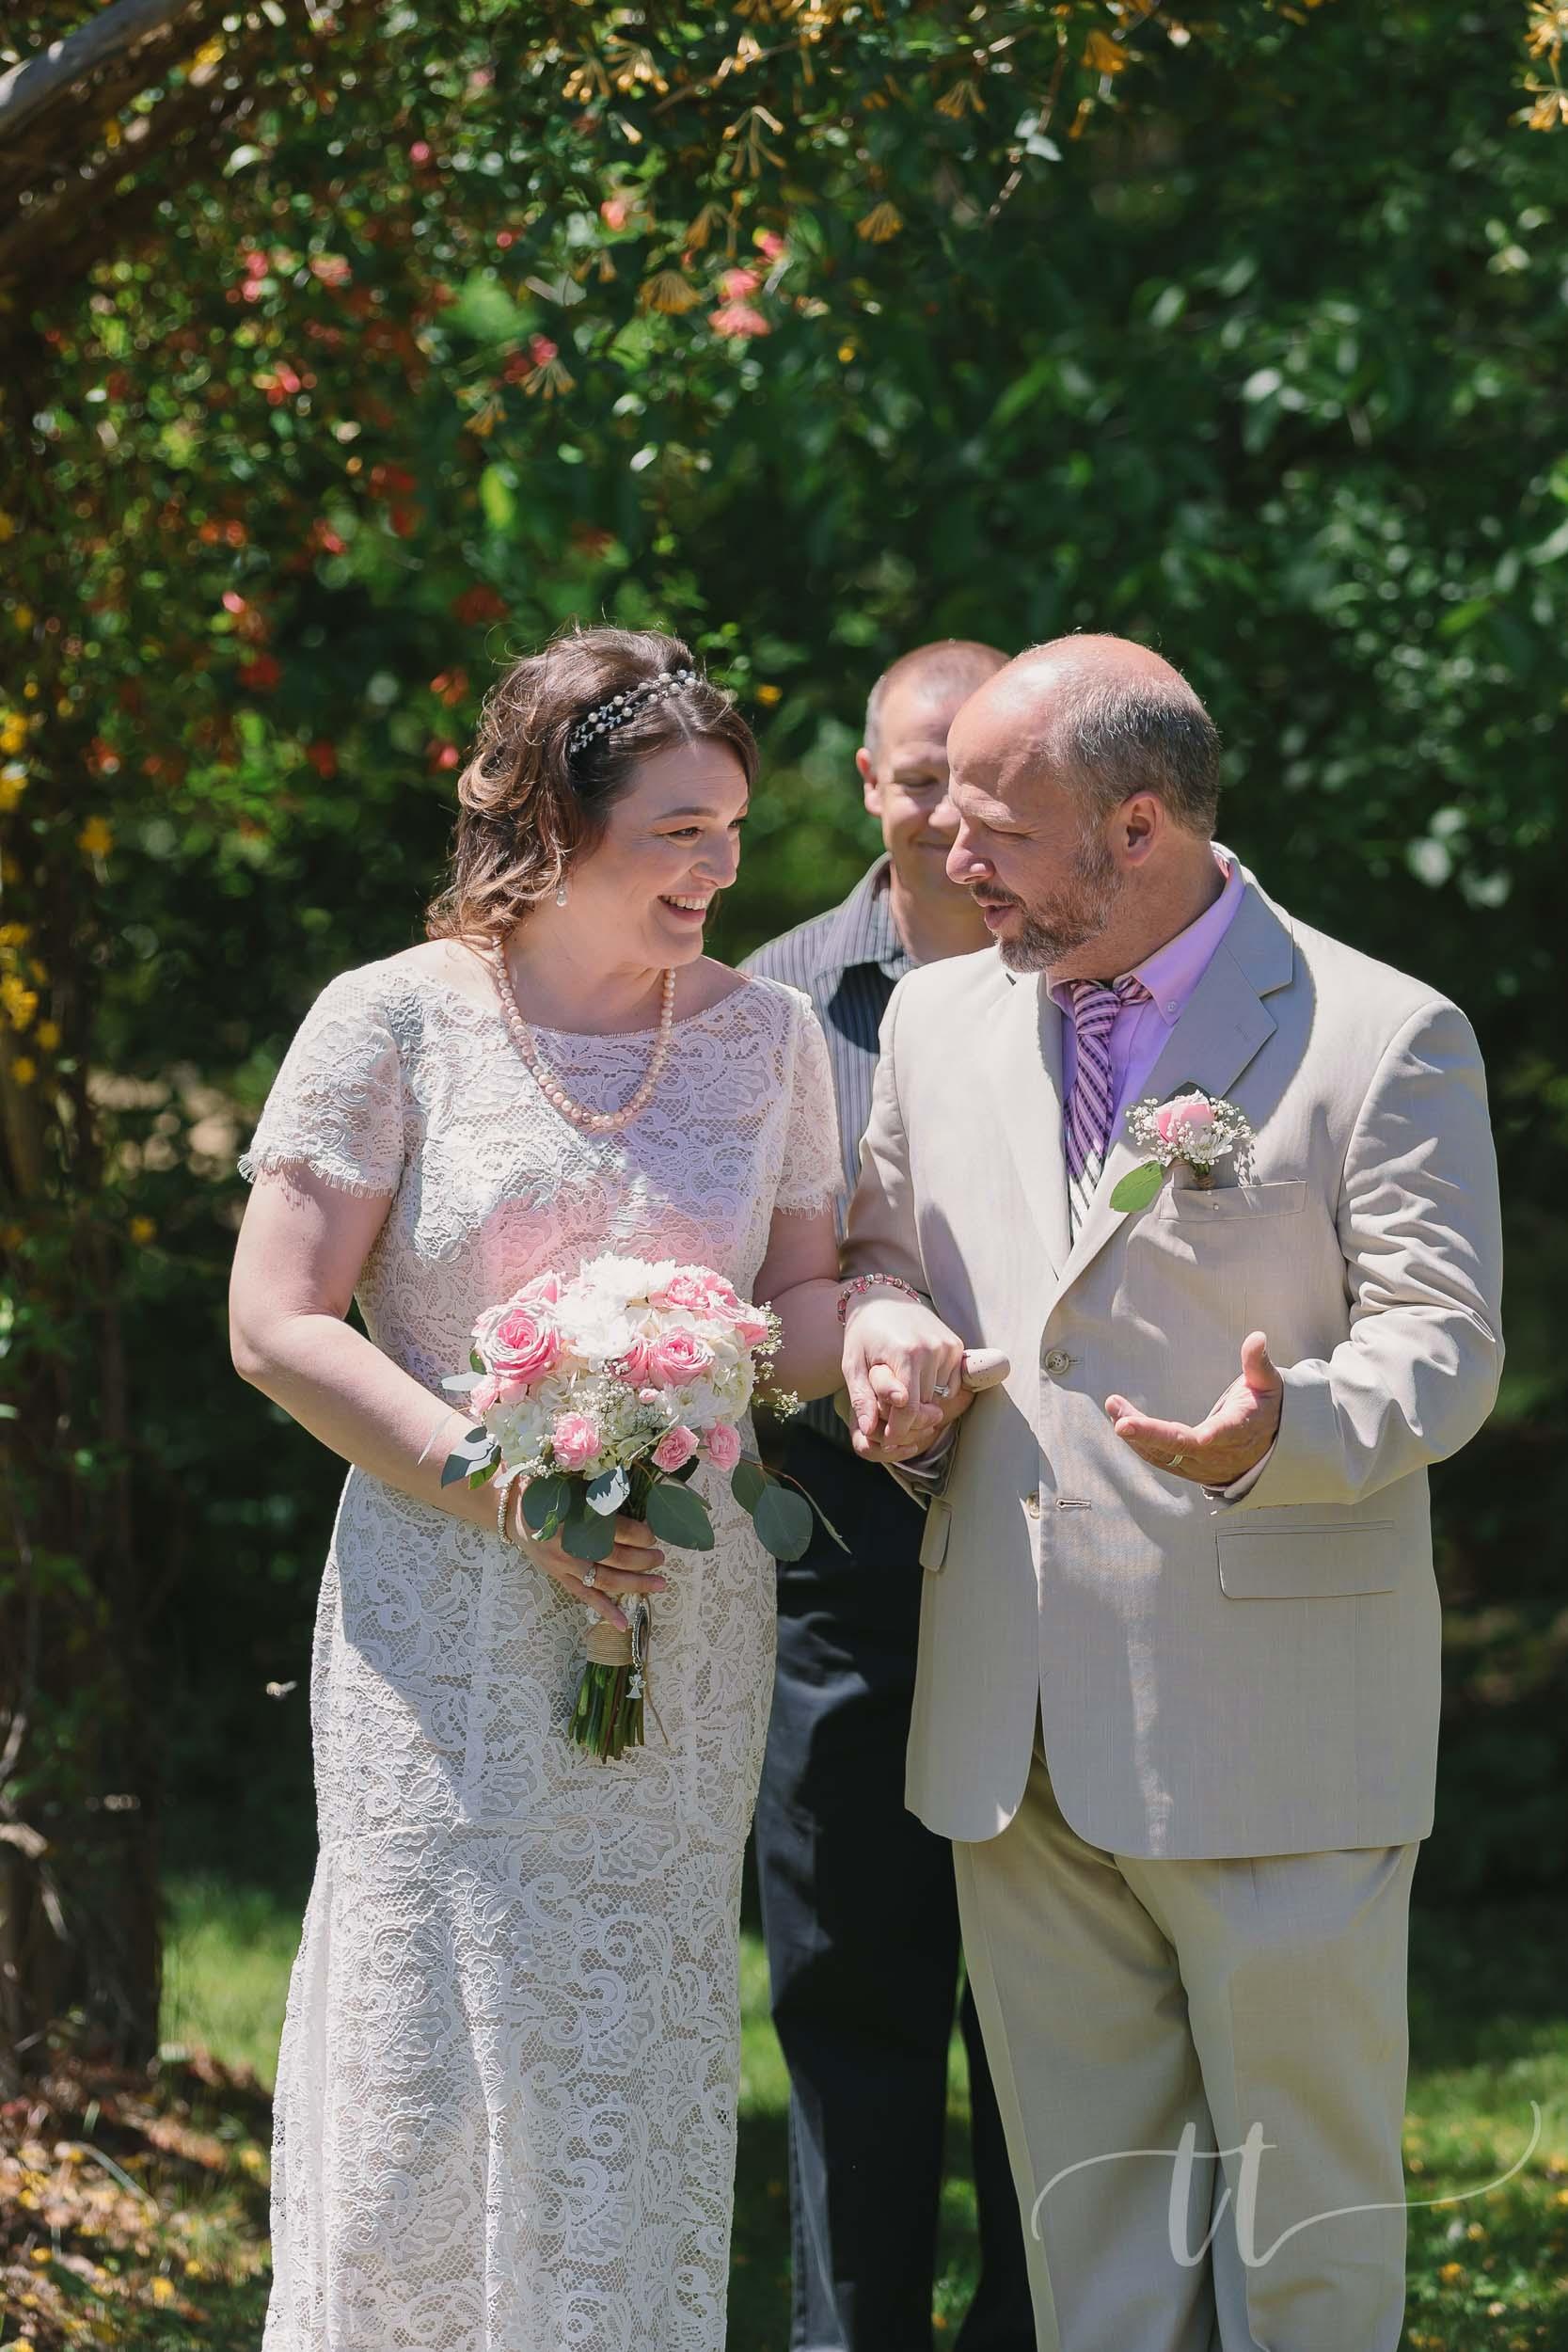 pleasant-garden-wedding-11.jpg